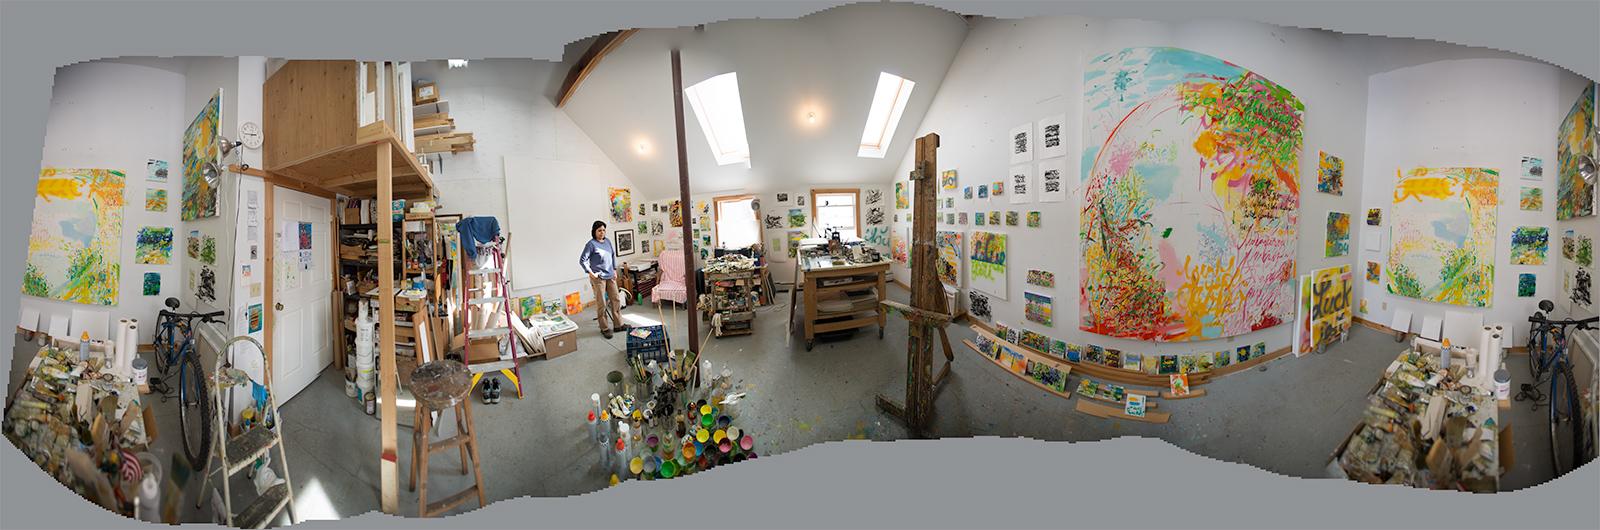 Vermont Studio Center, studio photo by Warren Buckles, 2015  http://www.warrenbuckles.com/